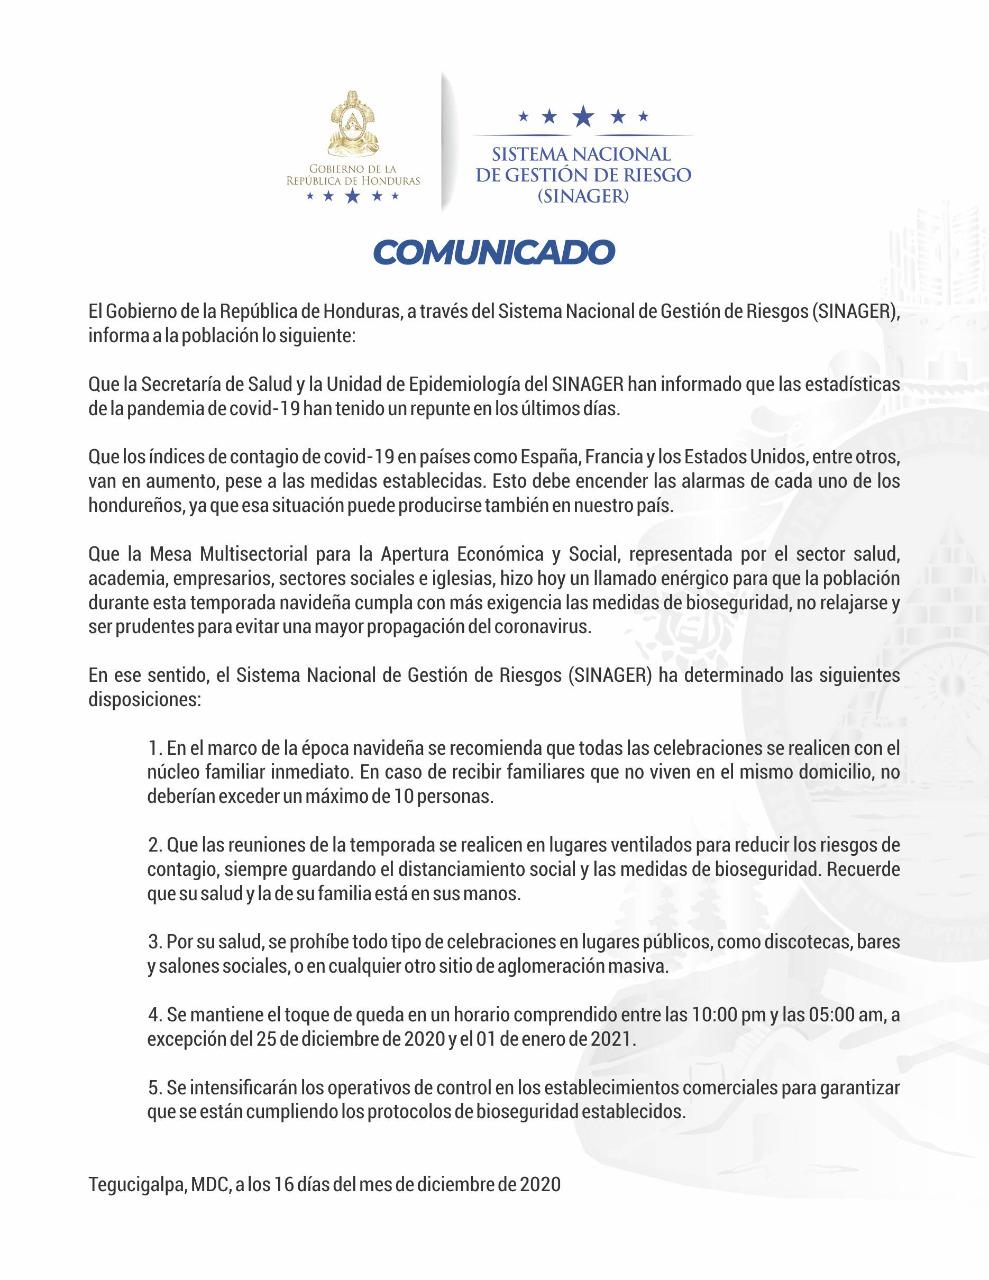 SINAGER anuncia recomendaciones y prohibiciones en fiestas navideñas ante aumento de casos de covid-19